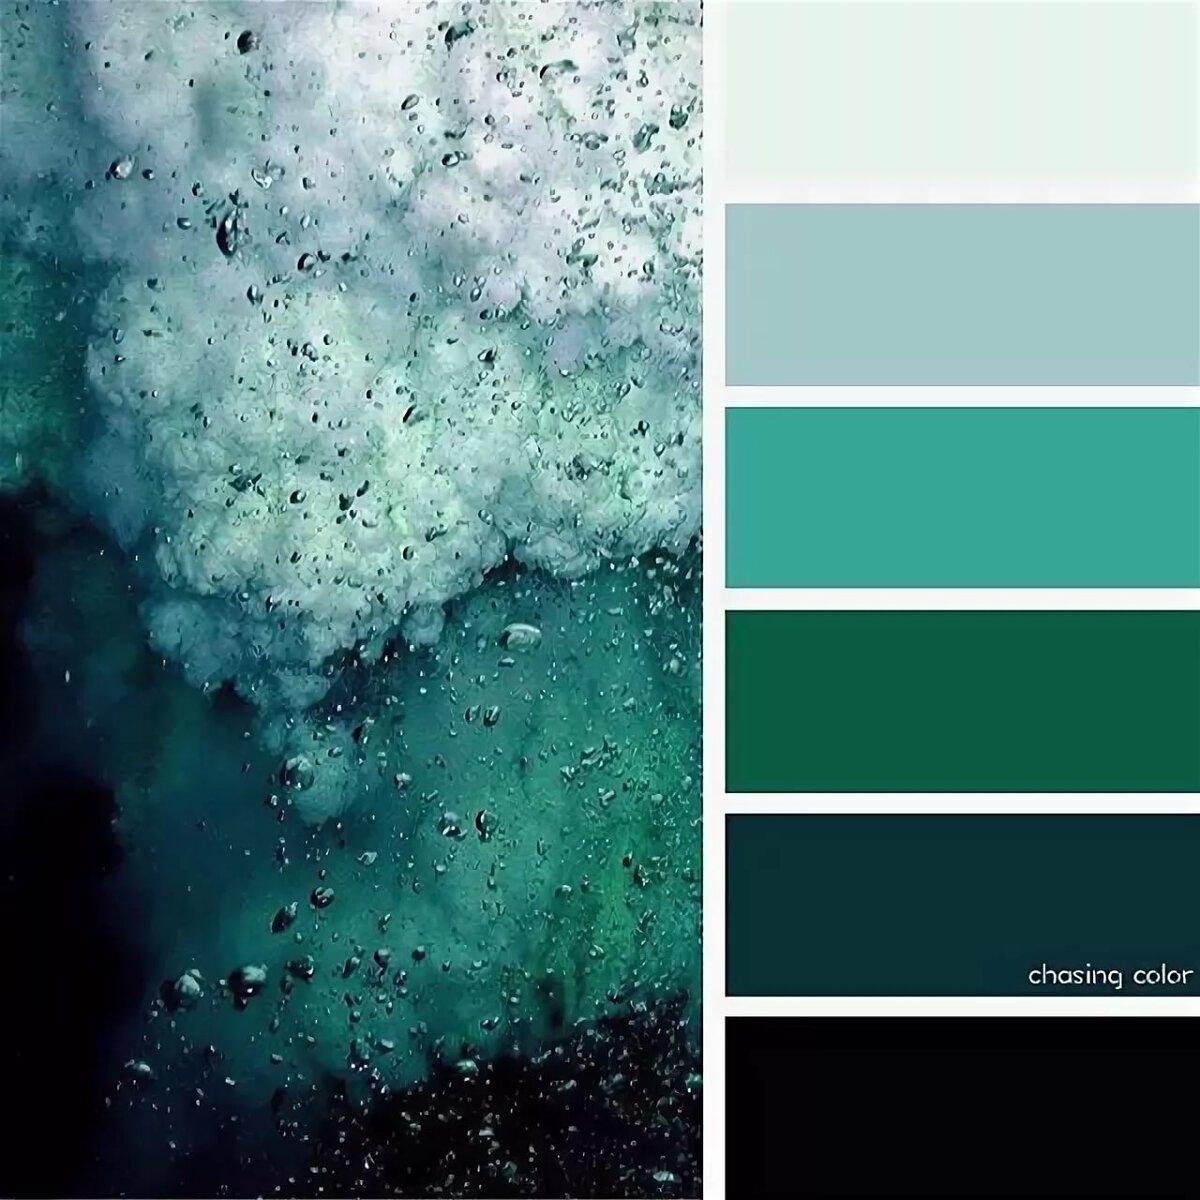 днях цвет зеленый холодный картинки считать большие деньги